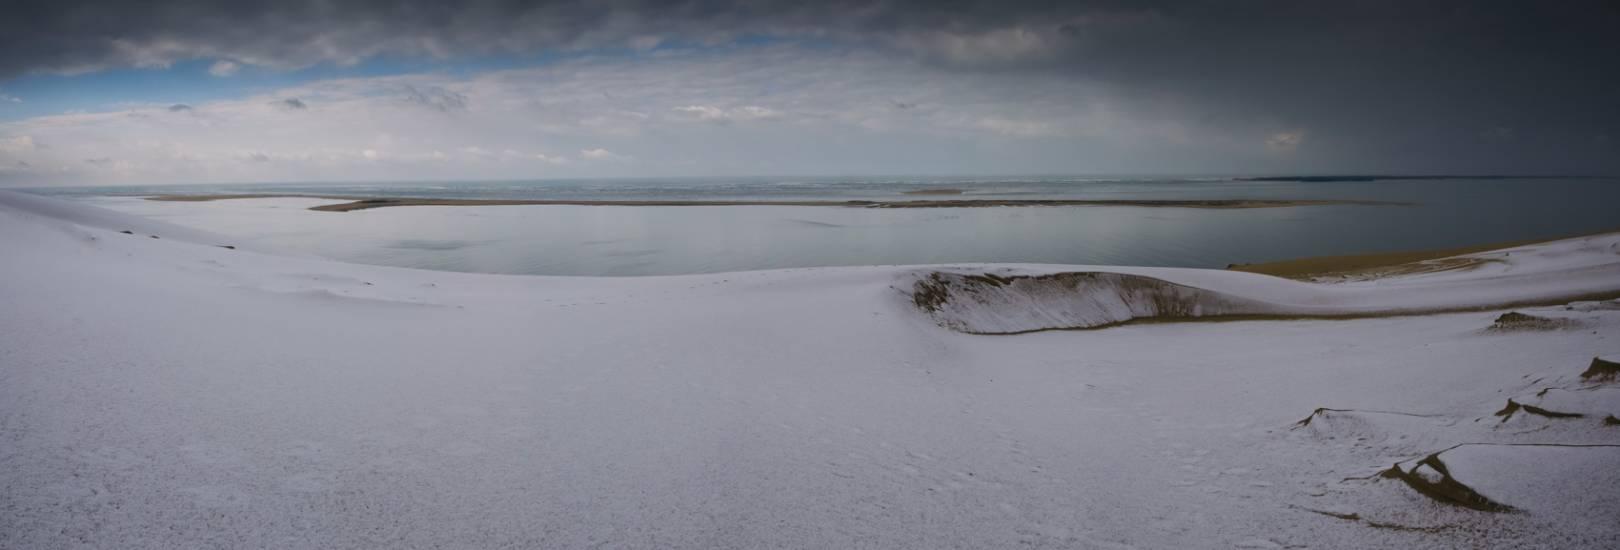 Photo Bassin d'Arcachon : Dune du Pilat #50